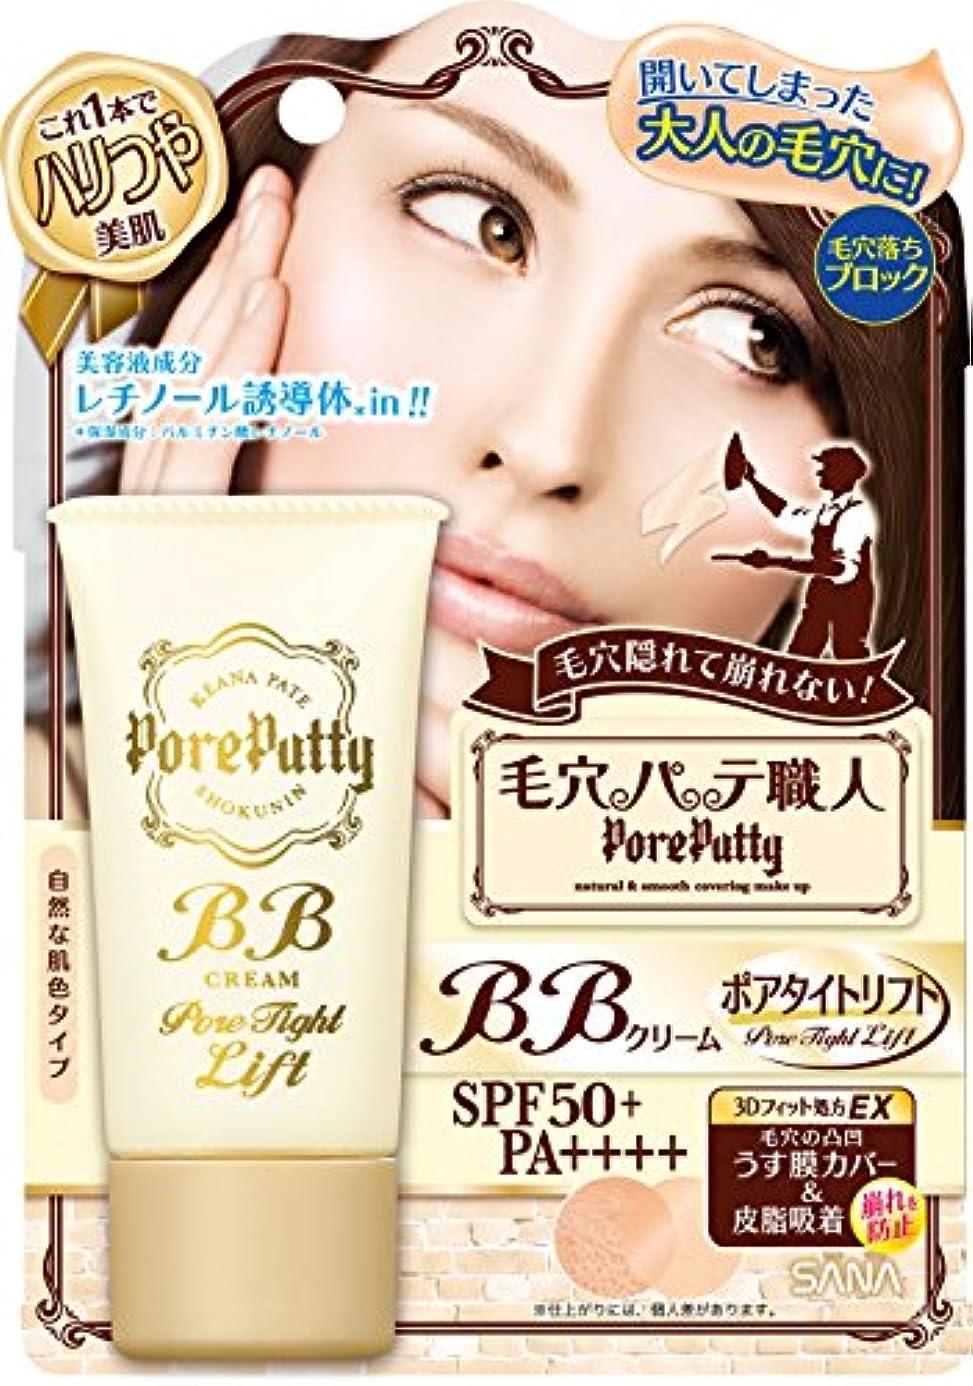 毛穴パテ職人 BBクリーム ポアタイトリフト 自然な肌色 30g